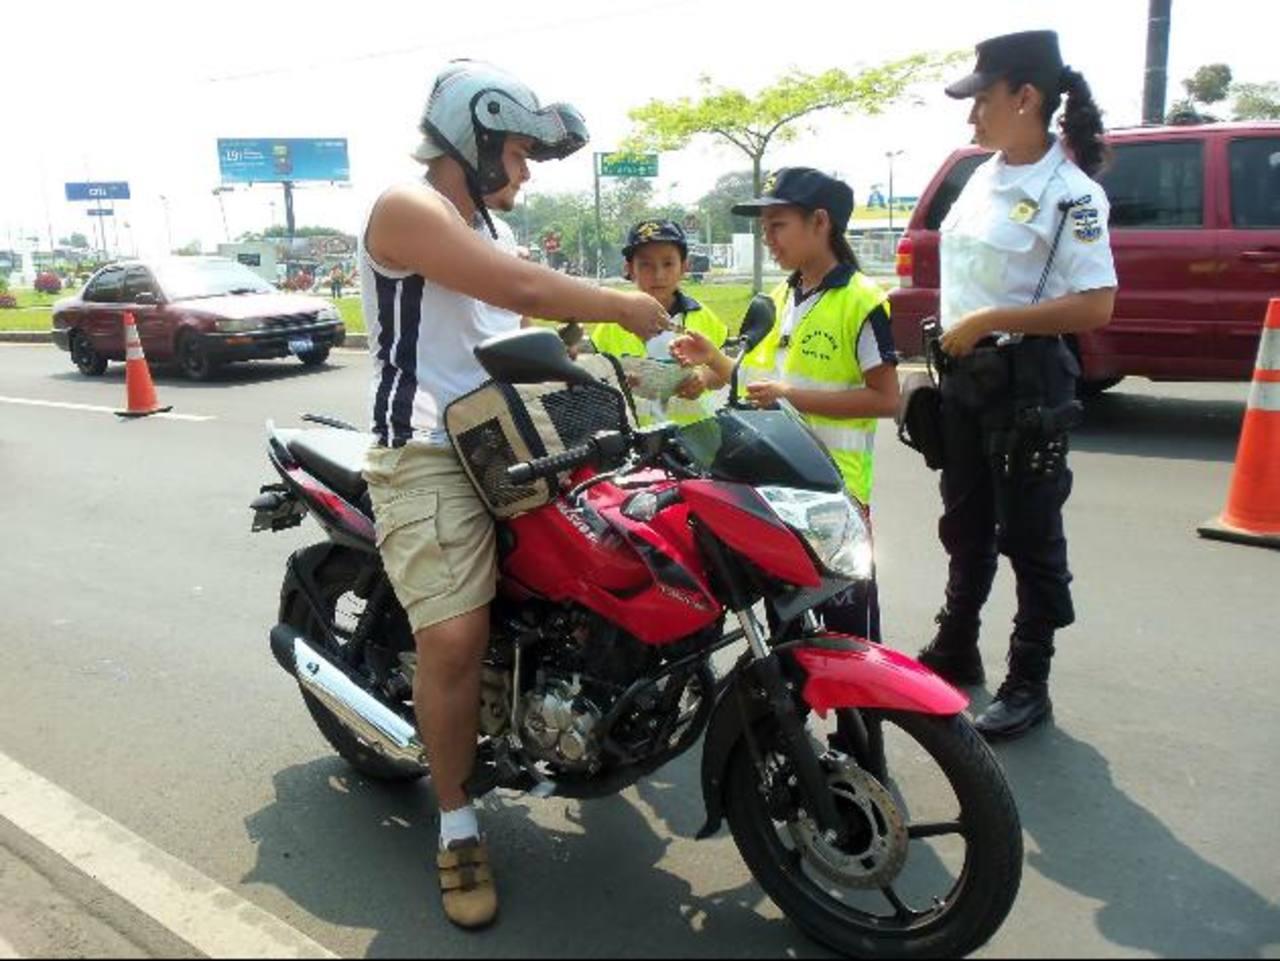 El retén policial fue ubicado en la salida hacia San Salvador, frente a un centro comercial. Foto EDH / Mauricio Guevara